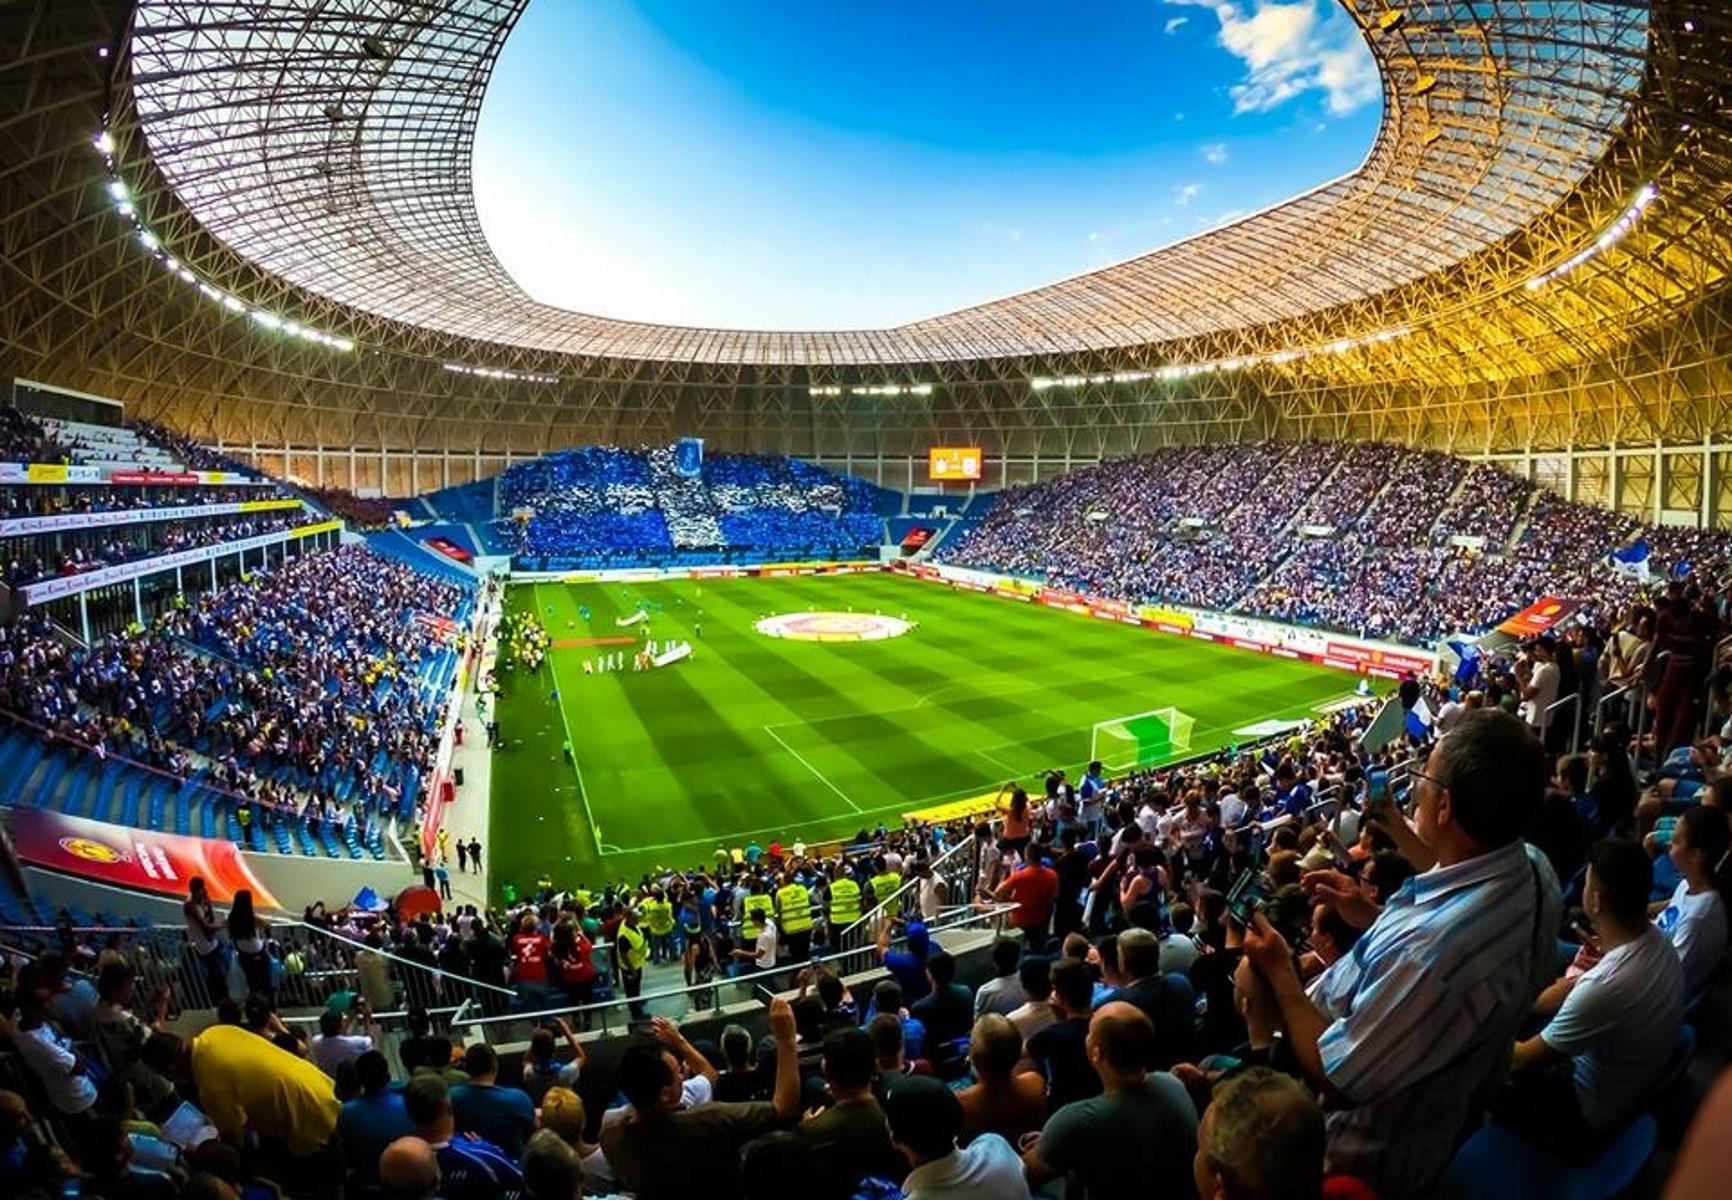 Κραϊόβα – ΑΕΚ: Τιμωρήθηκαν οι Ρουμάνοι από την UEFA με κεκλεισμένων των θυρών